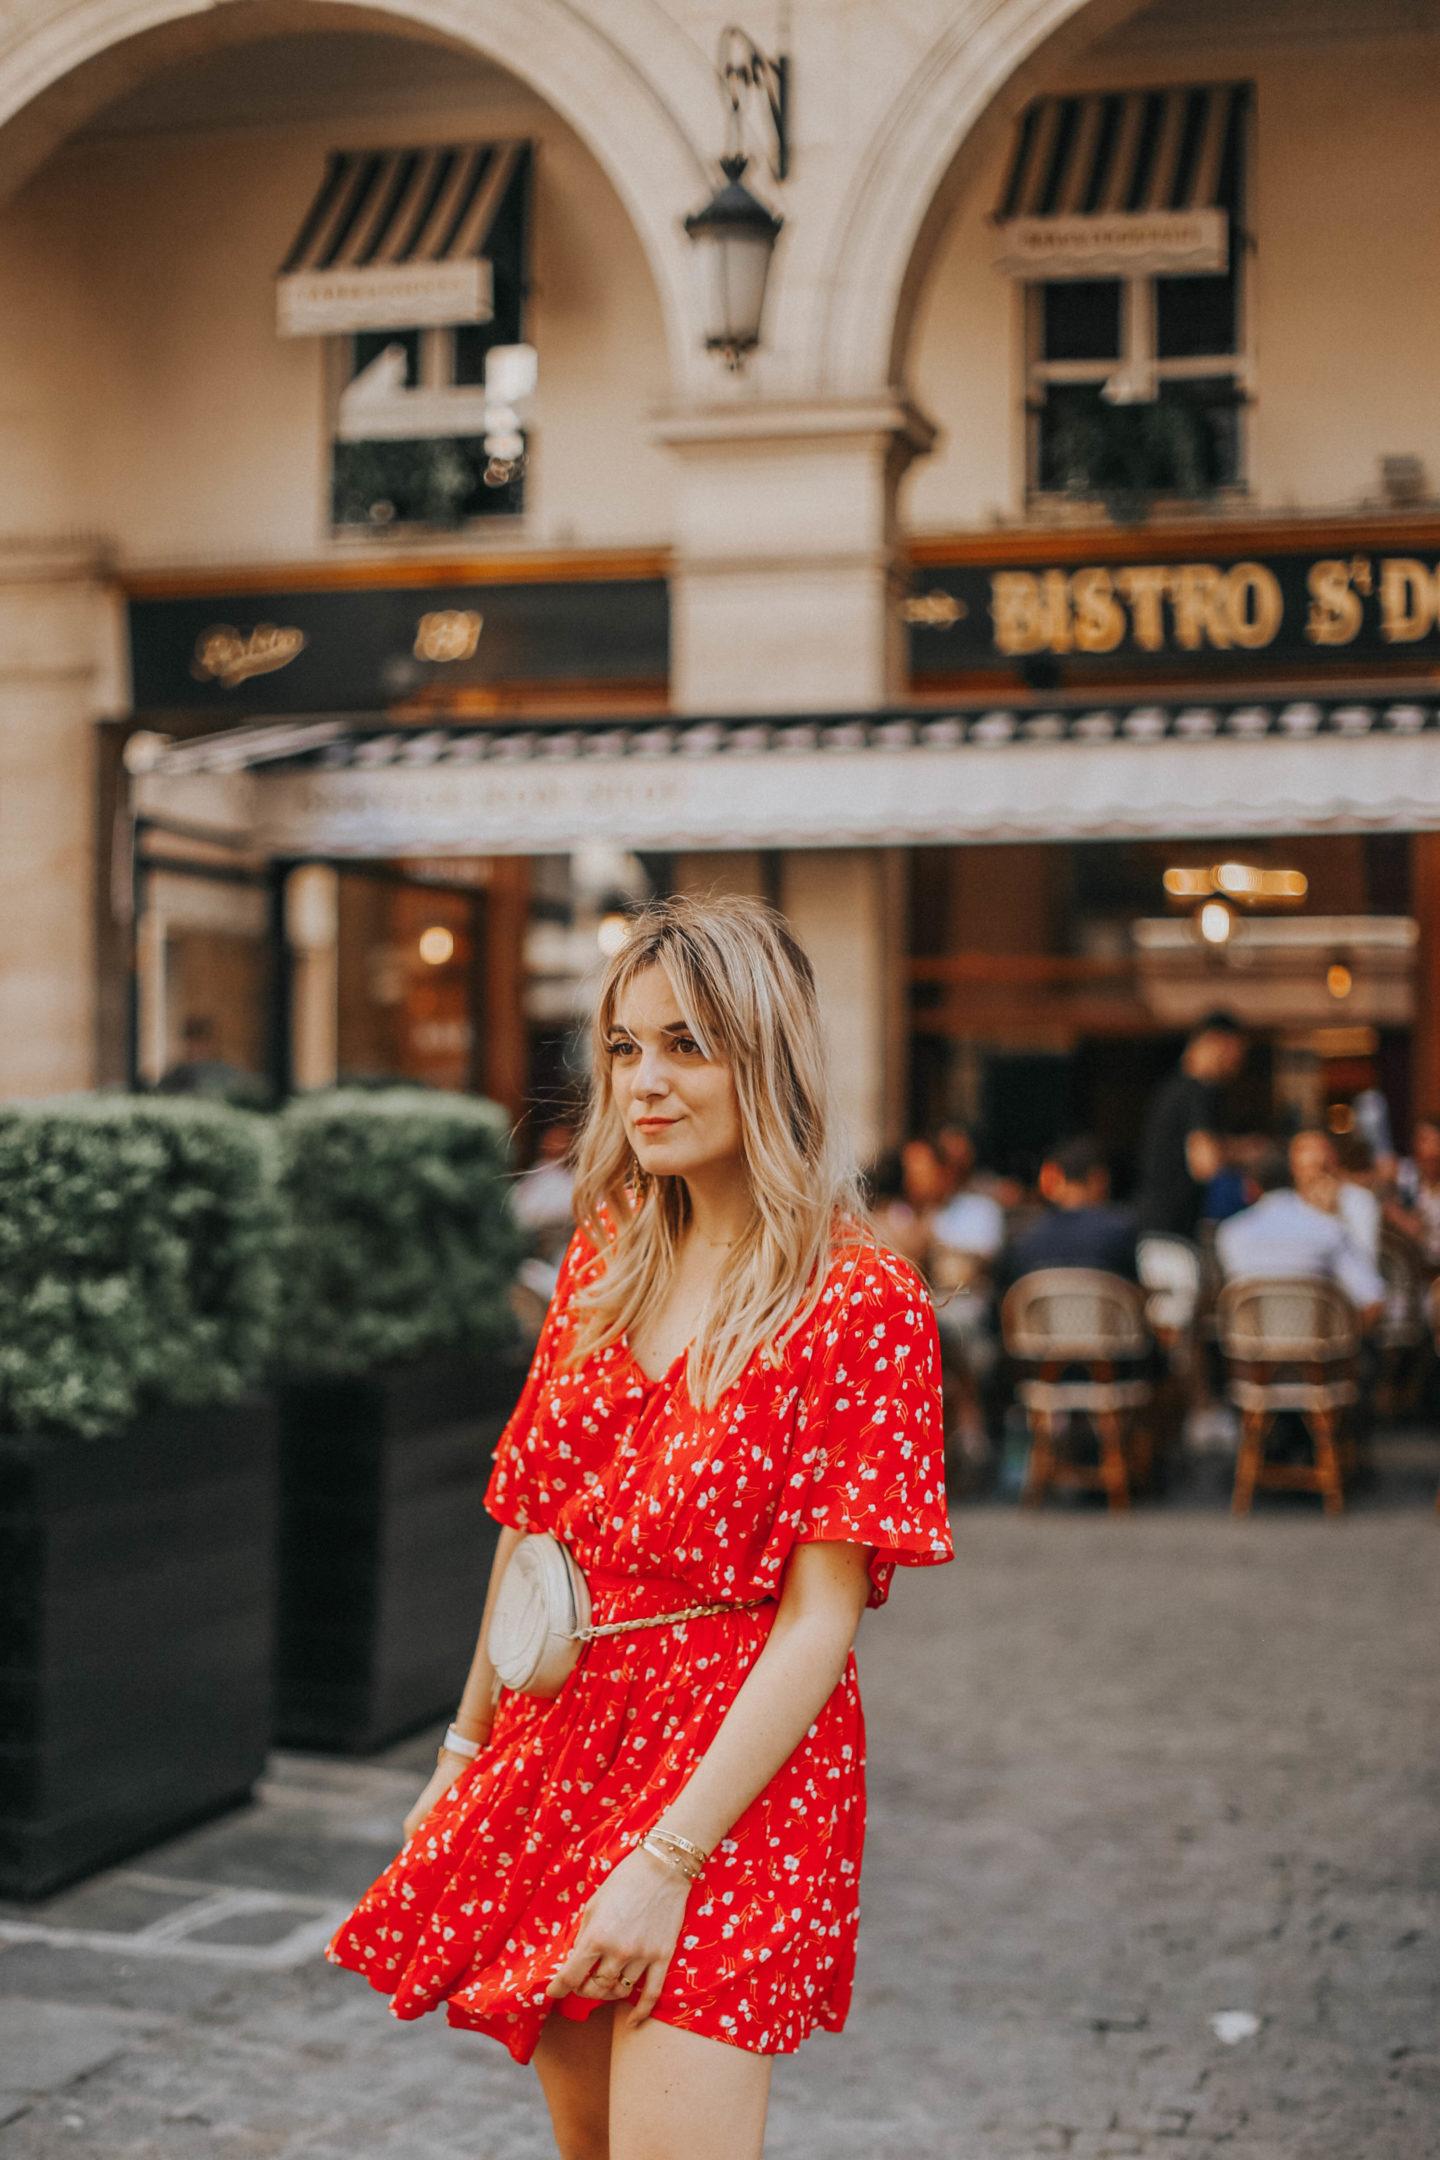 Robe rouge Idano - Blondie Baby blog mode Paris et voyages